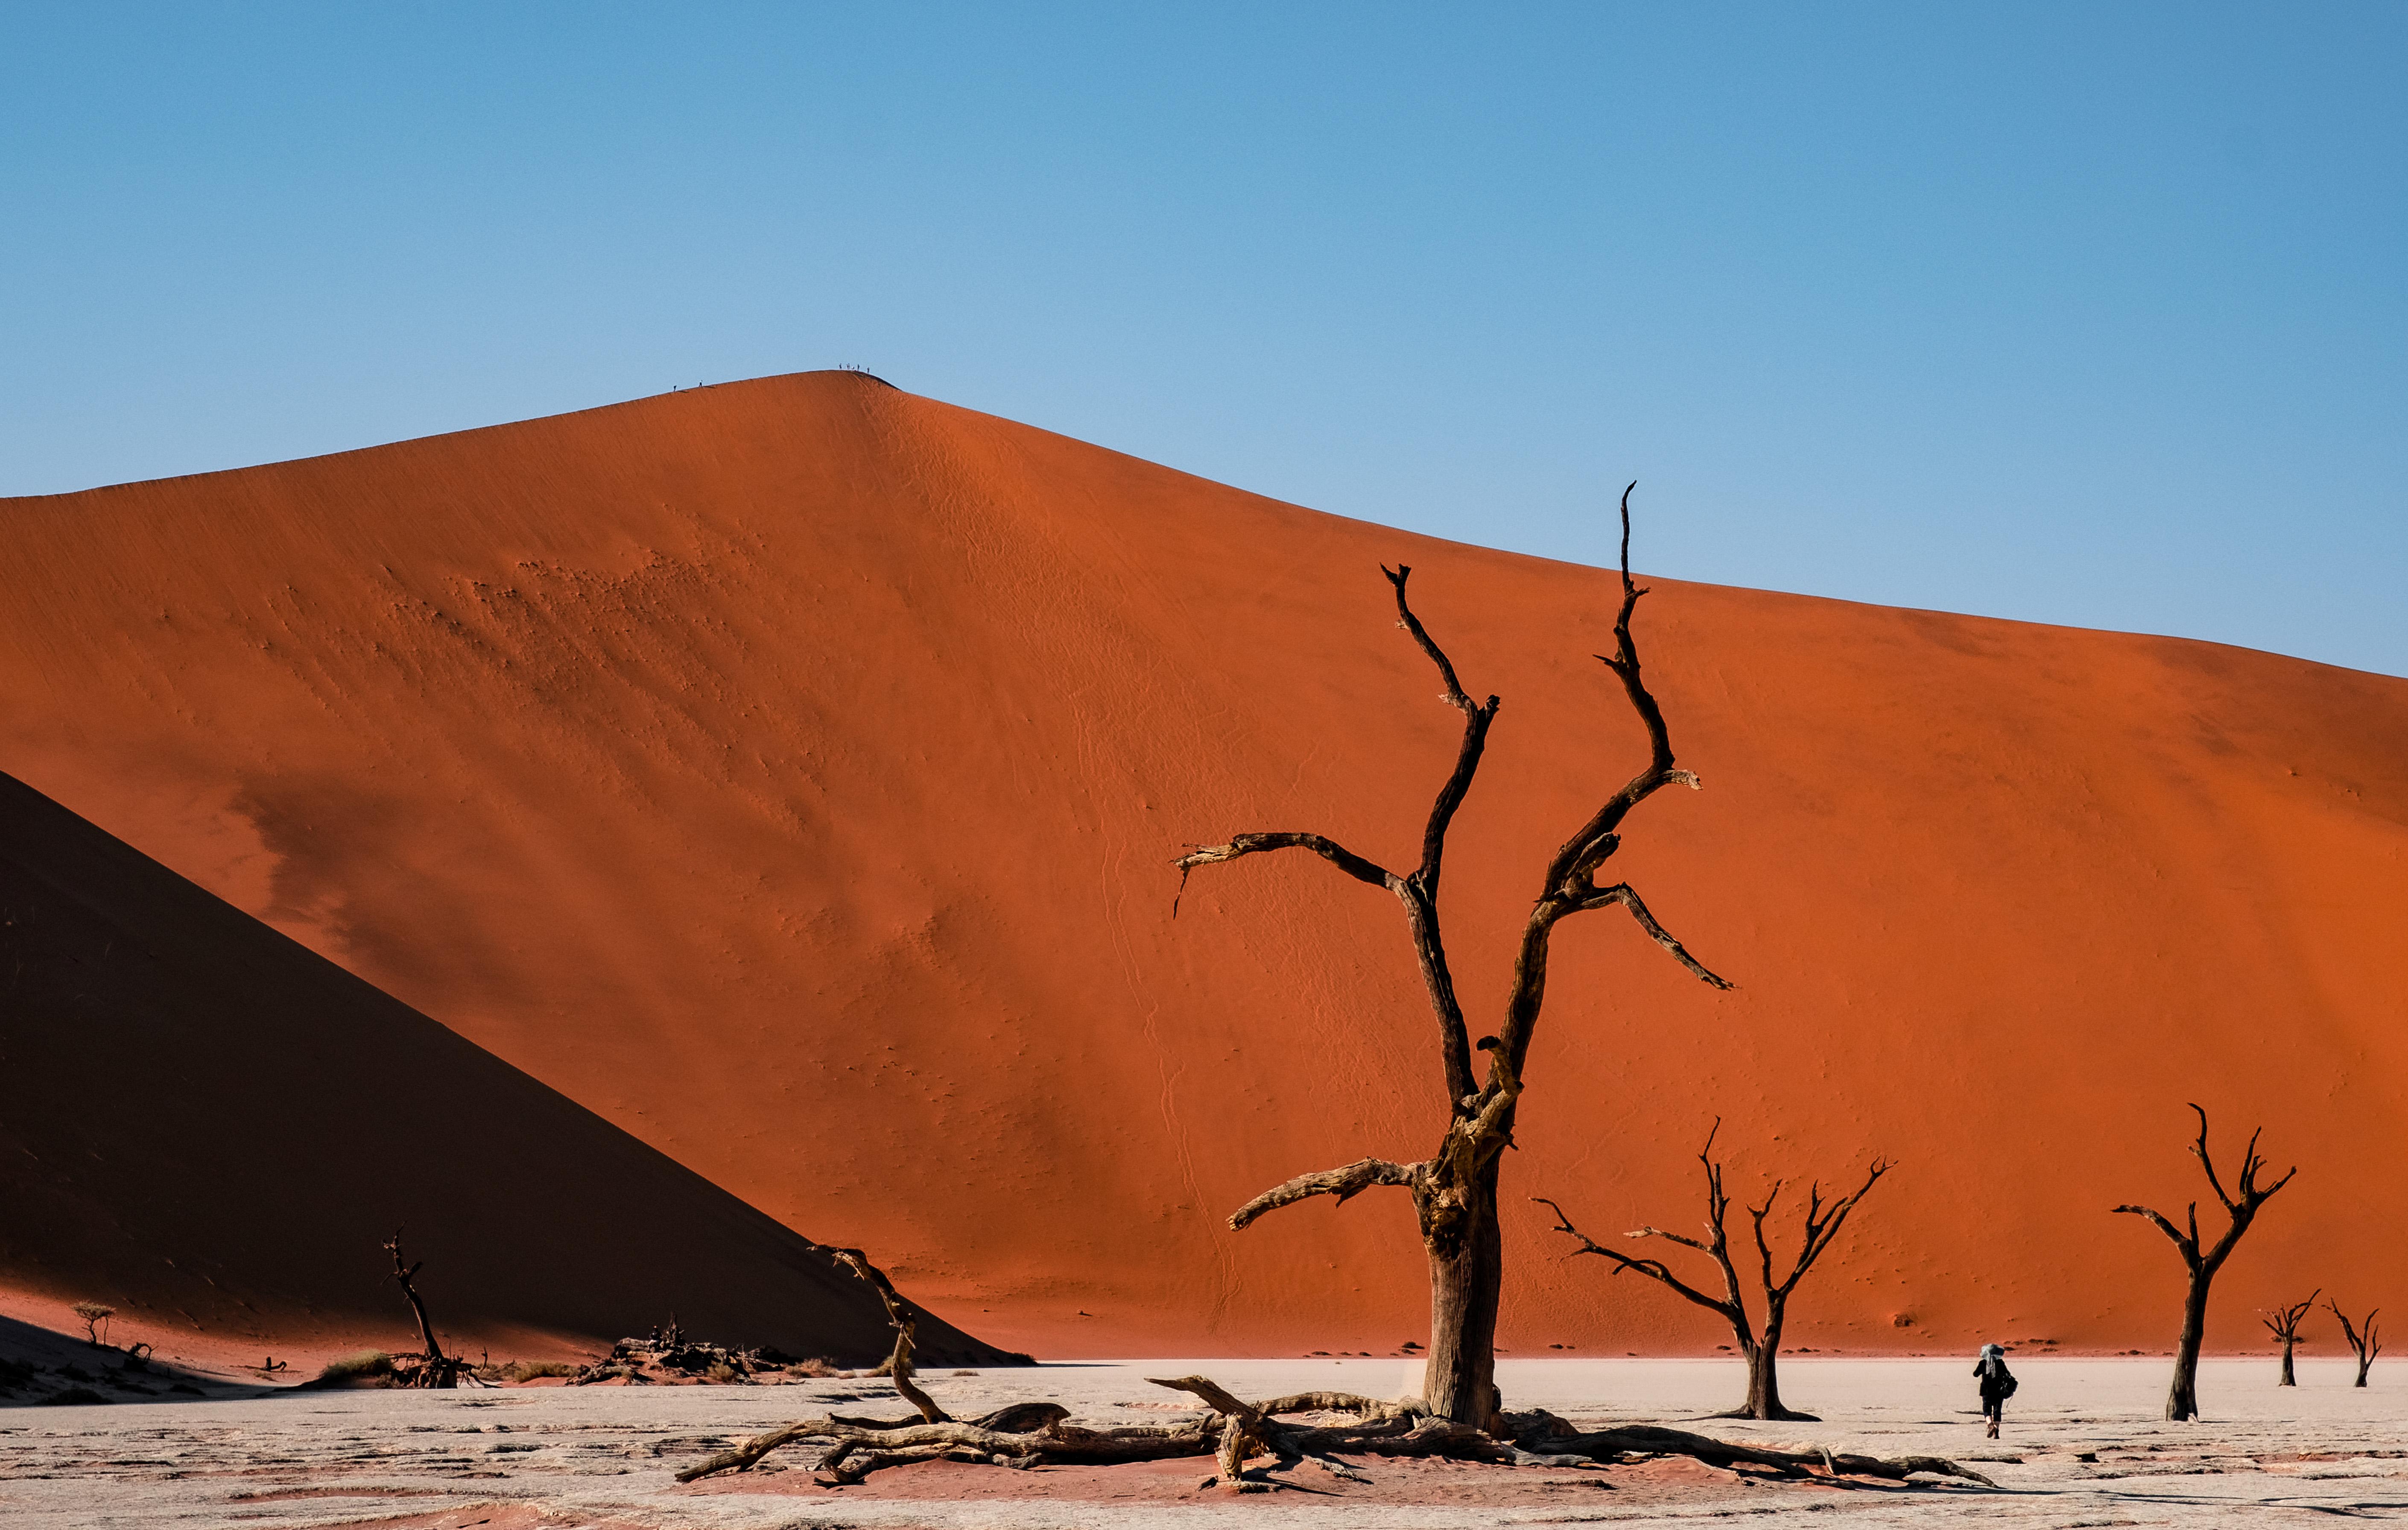 Vertrocknete Bäume in Wüste vor Sanddüne